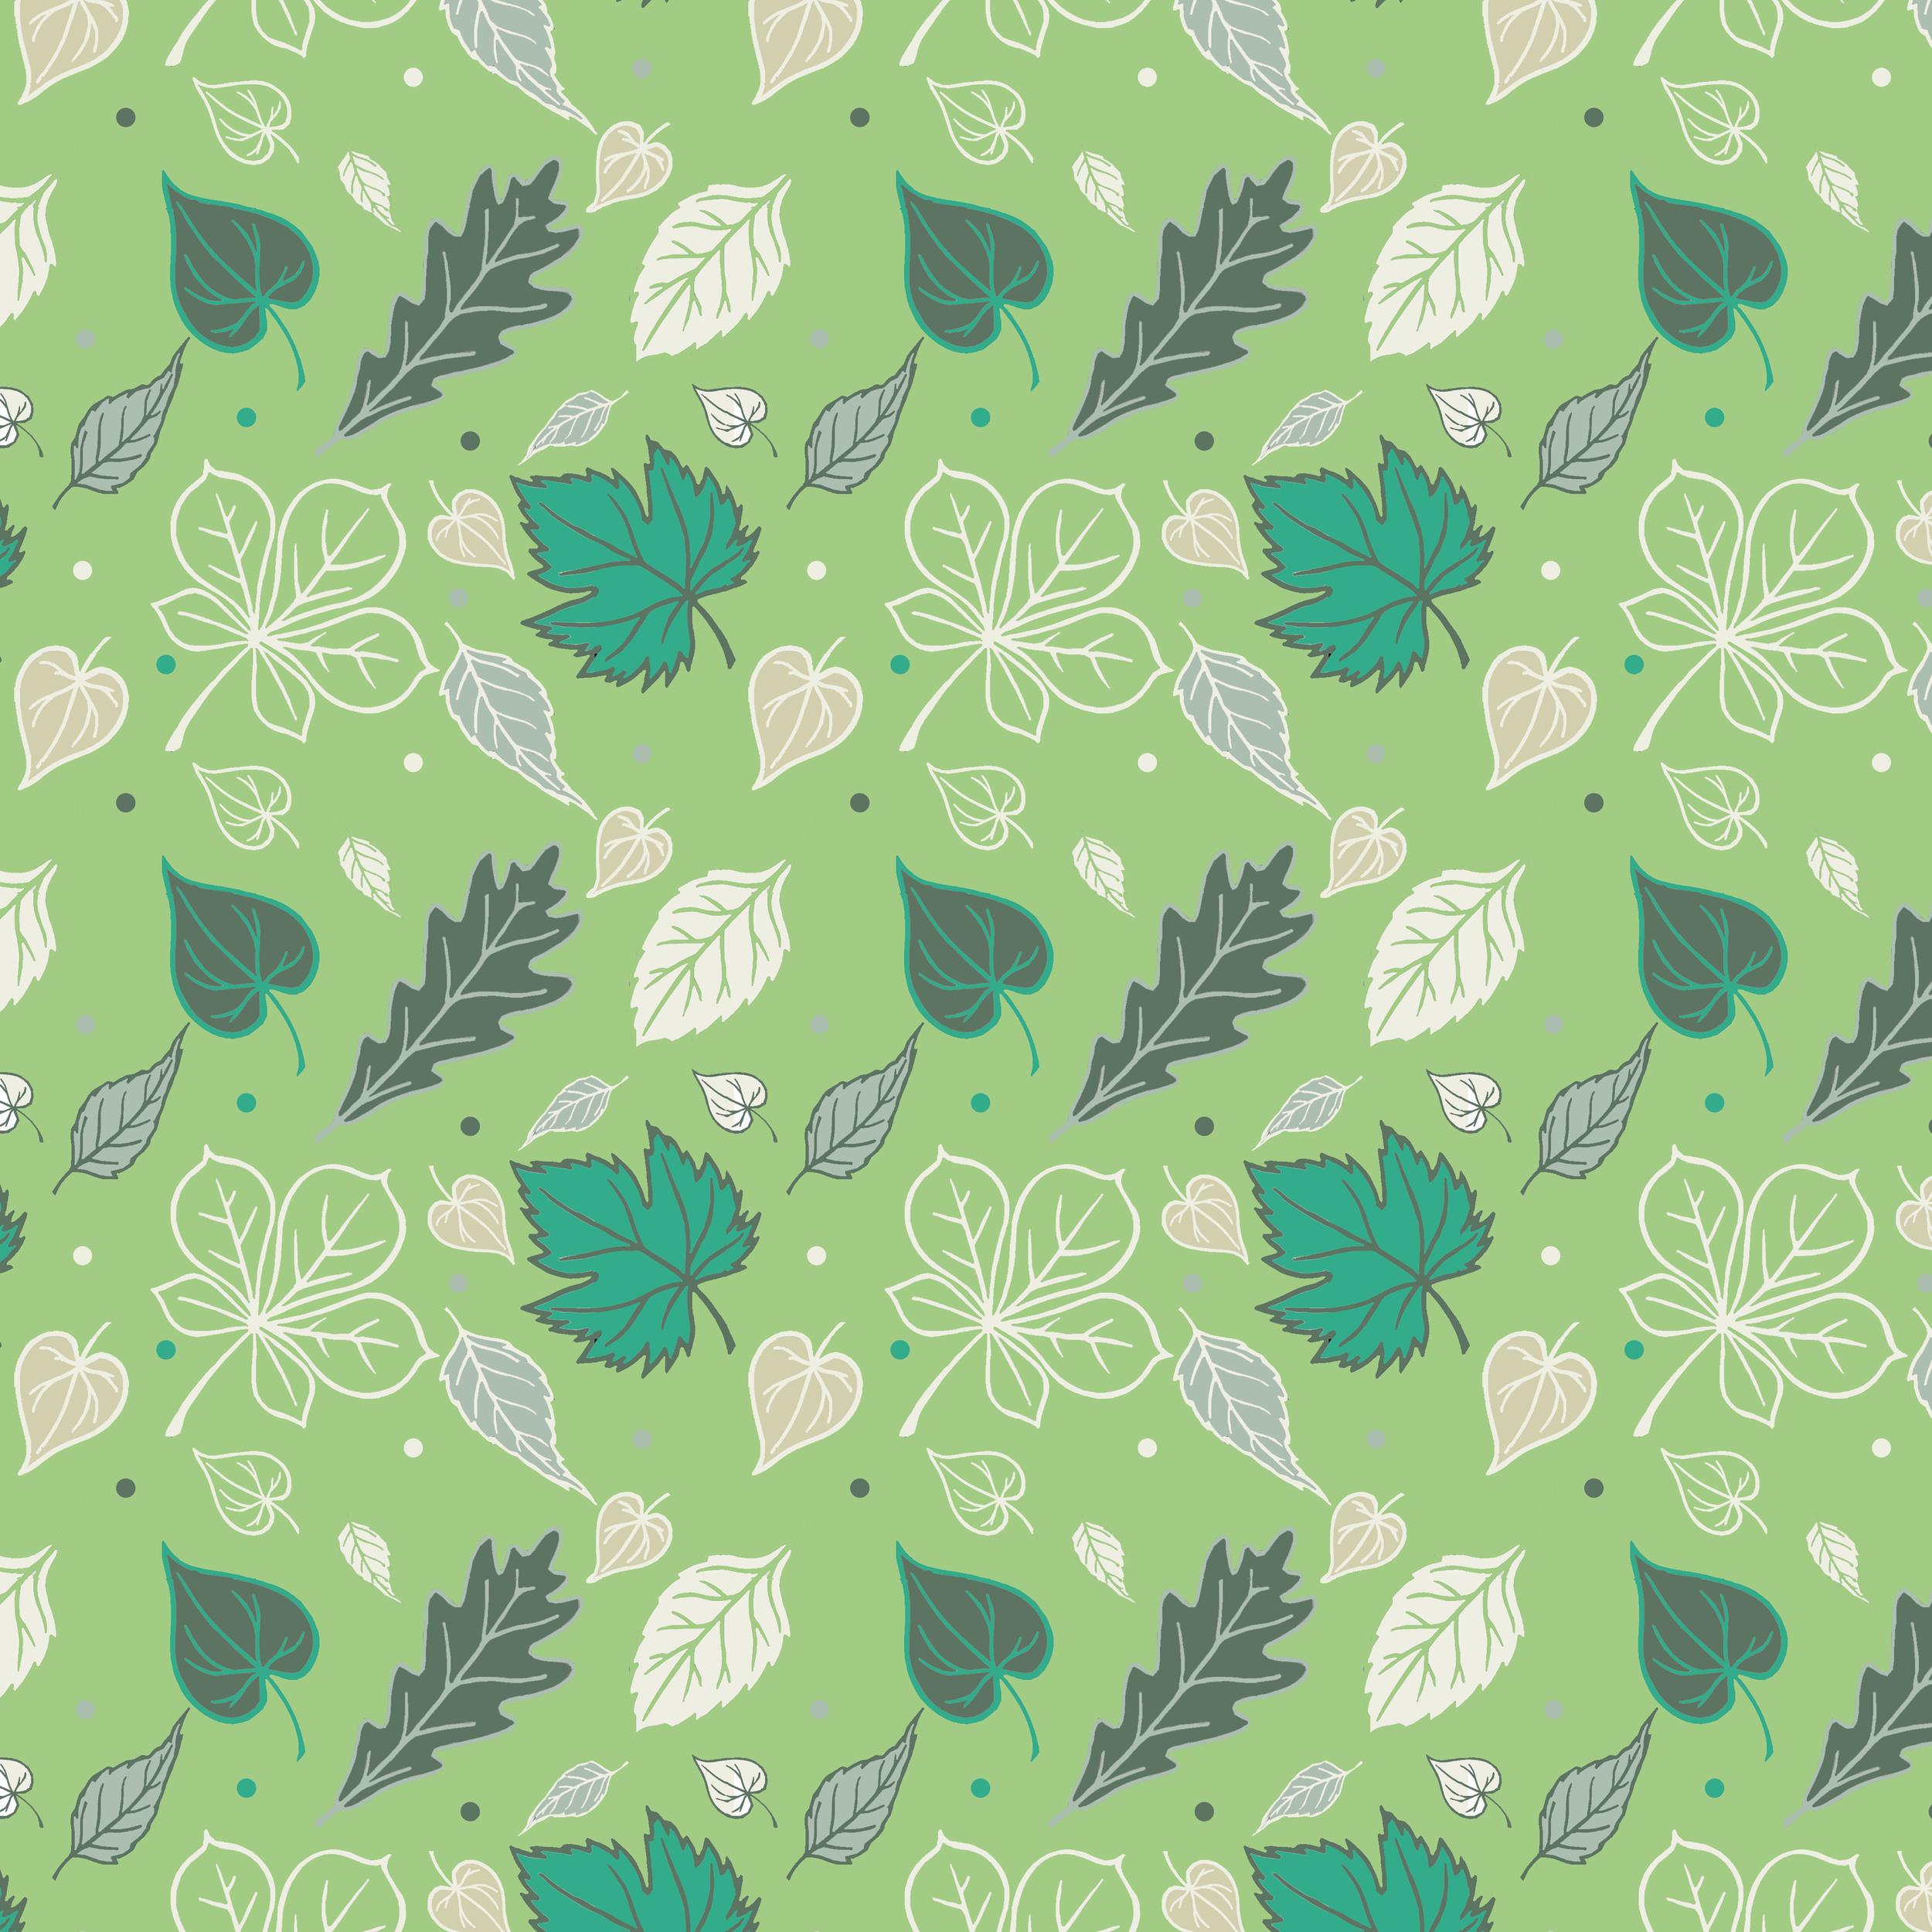 Leaf design green